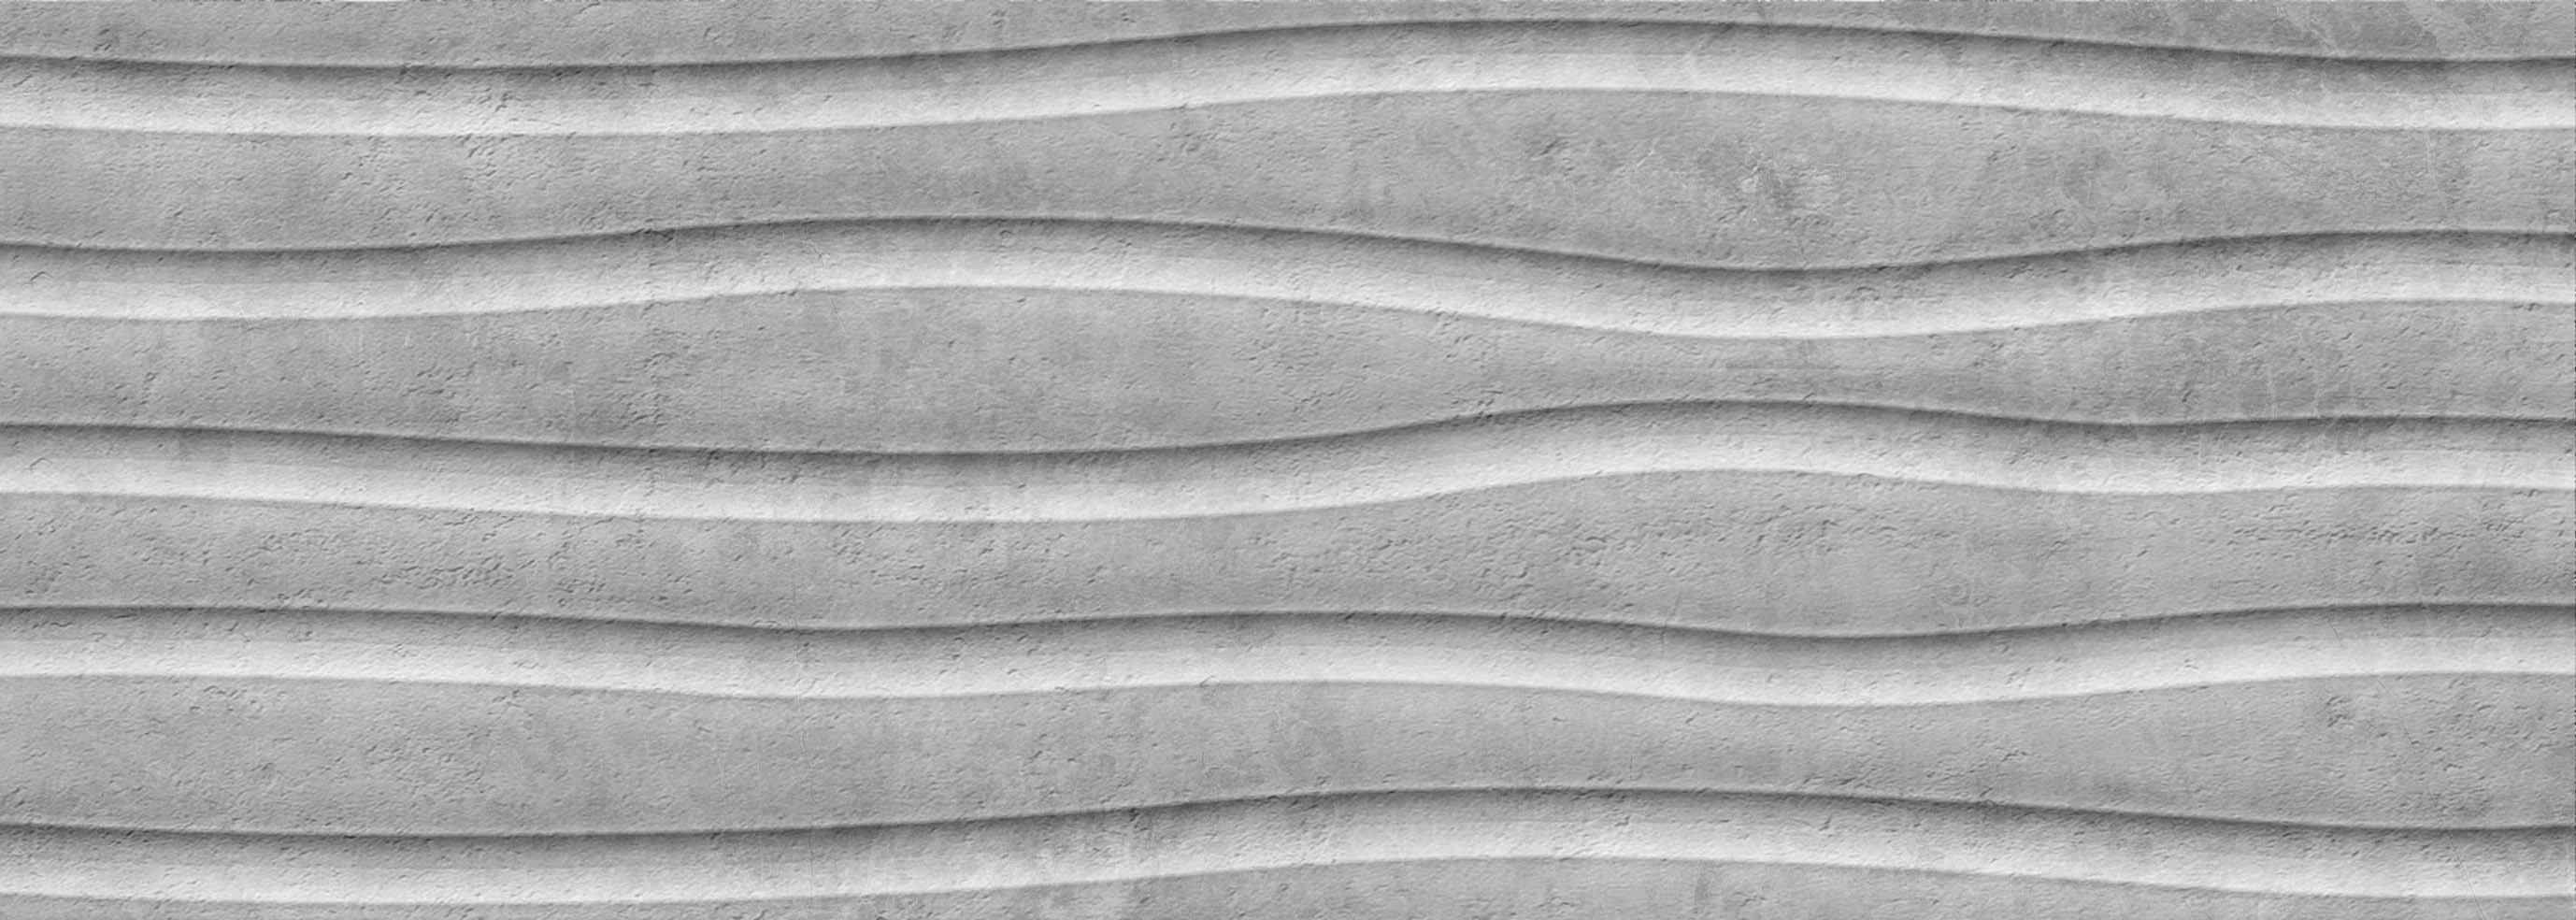 25X70 Tundra Sky 3D Decor Grey Matt